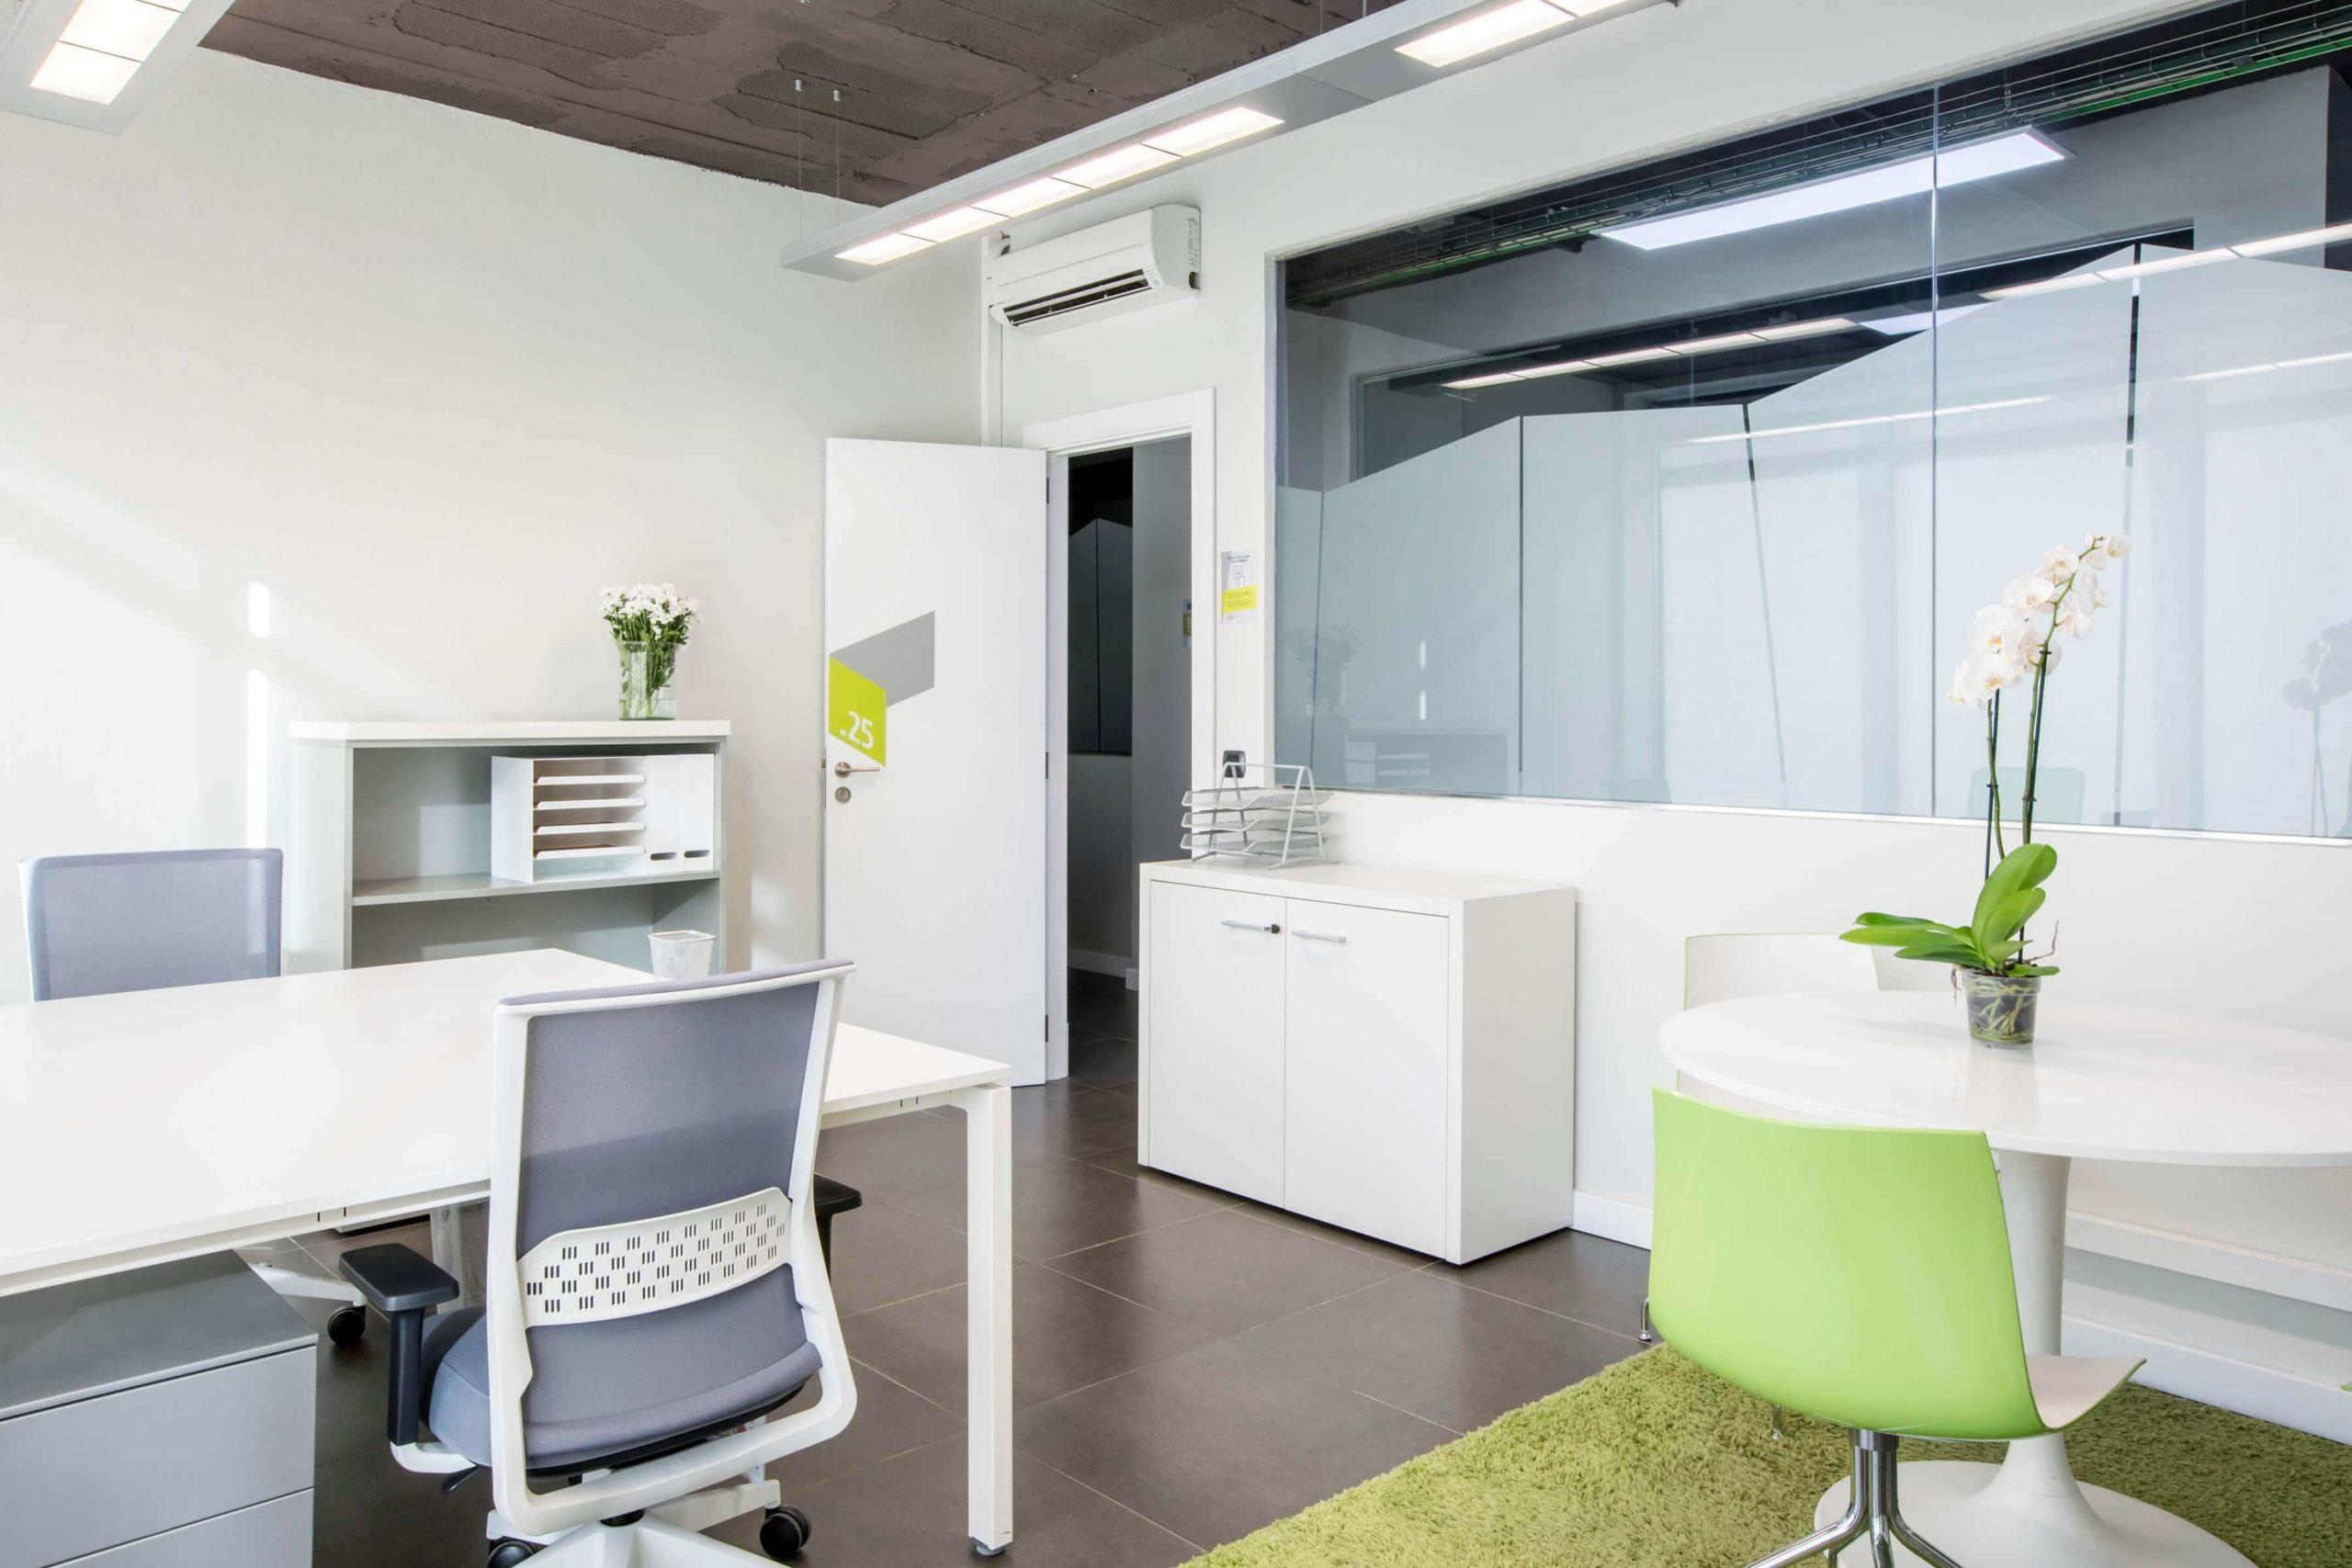 Ventajas de alquilar una oficina en Madrid